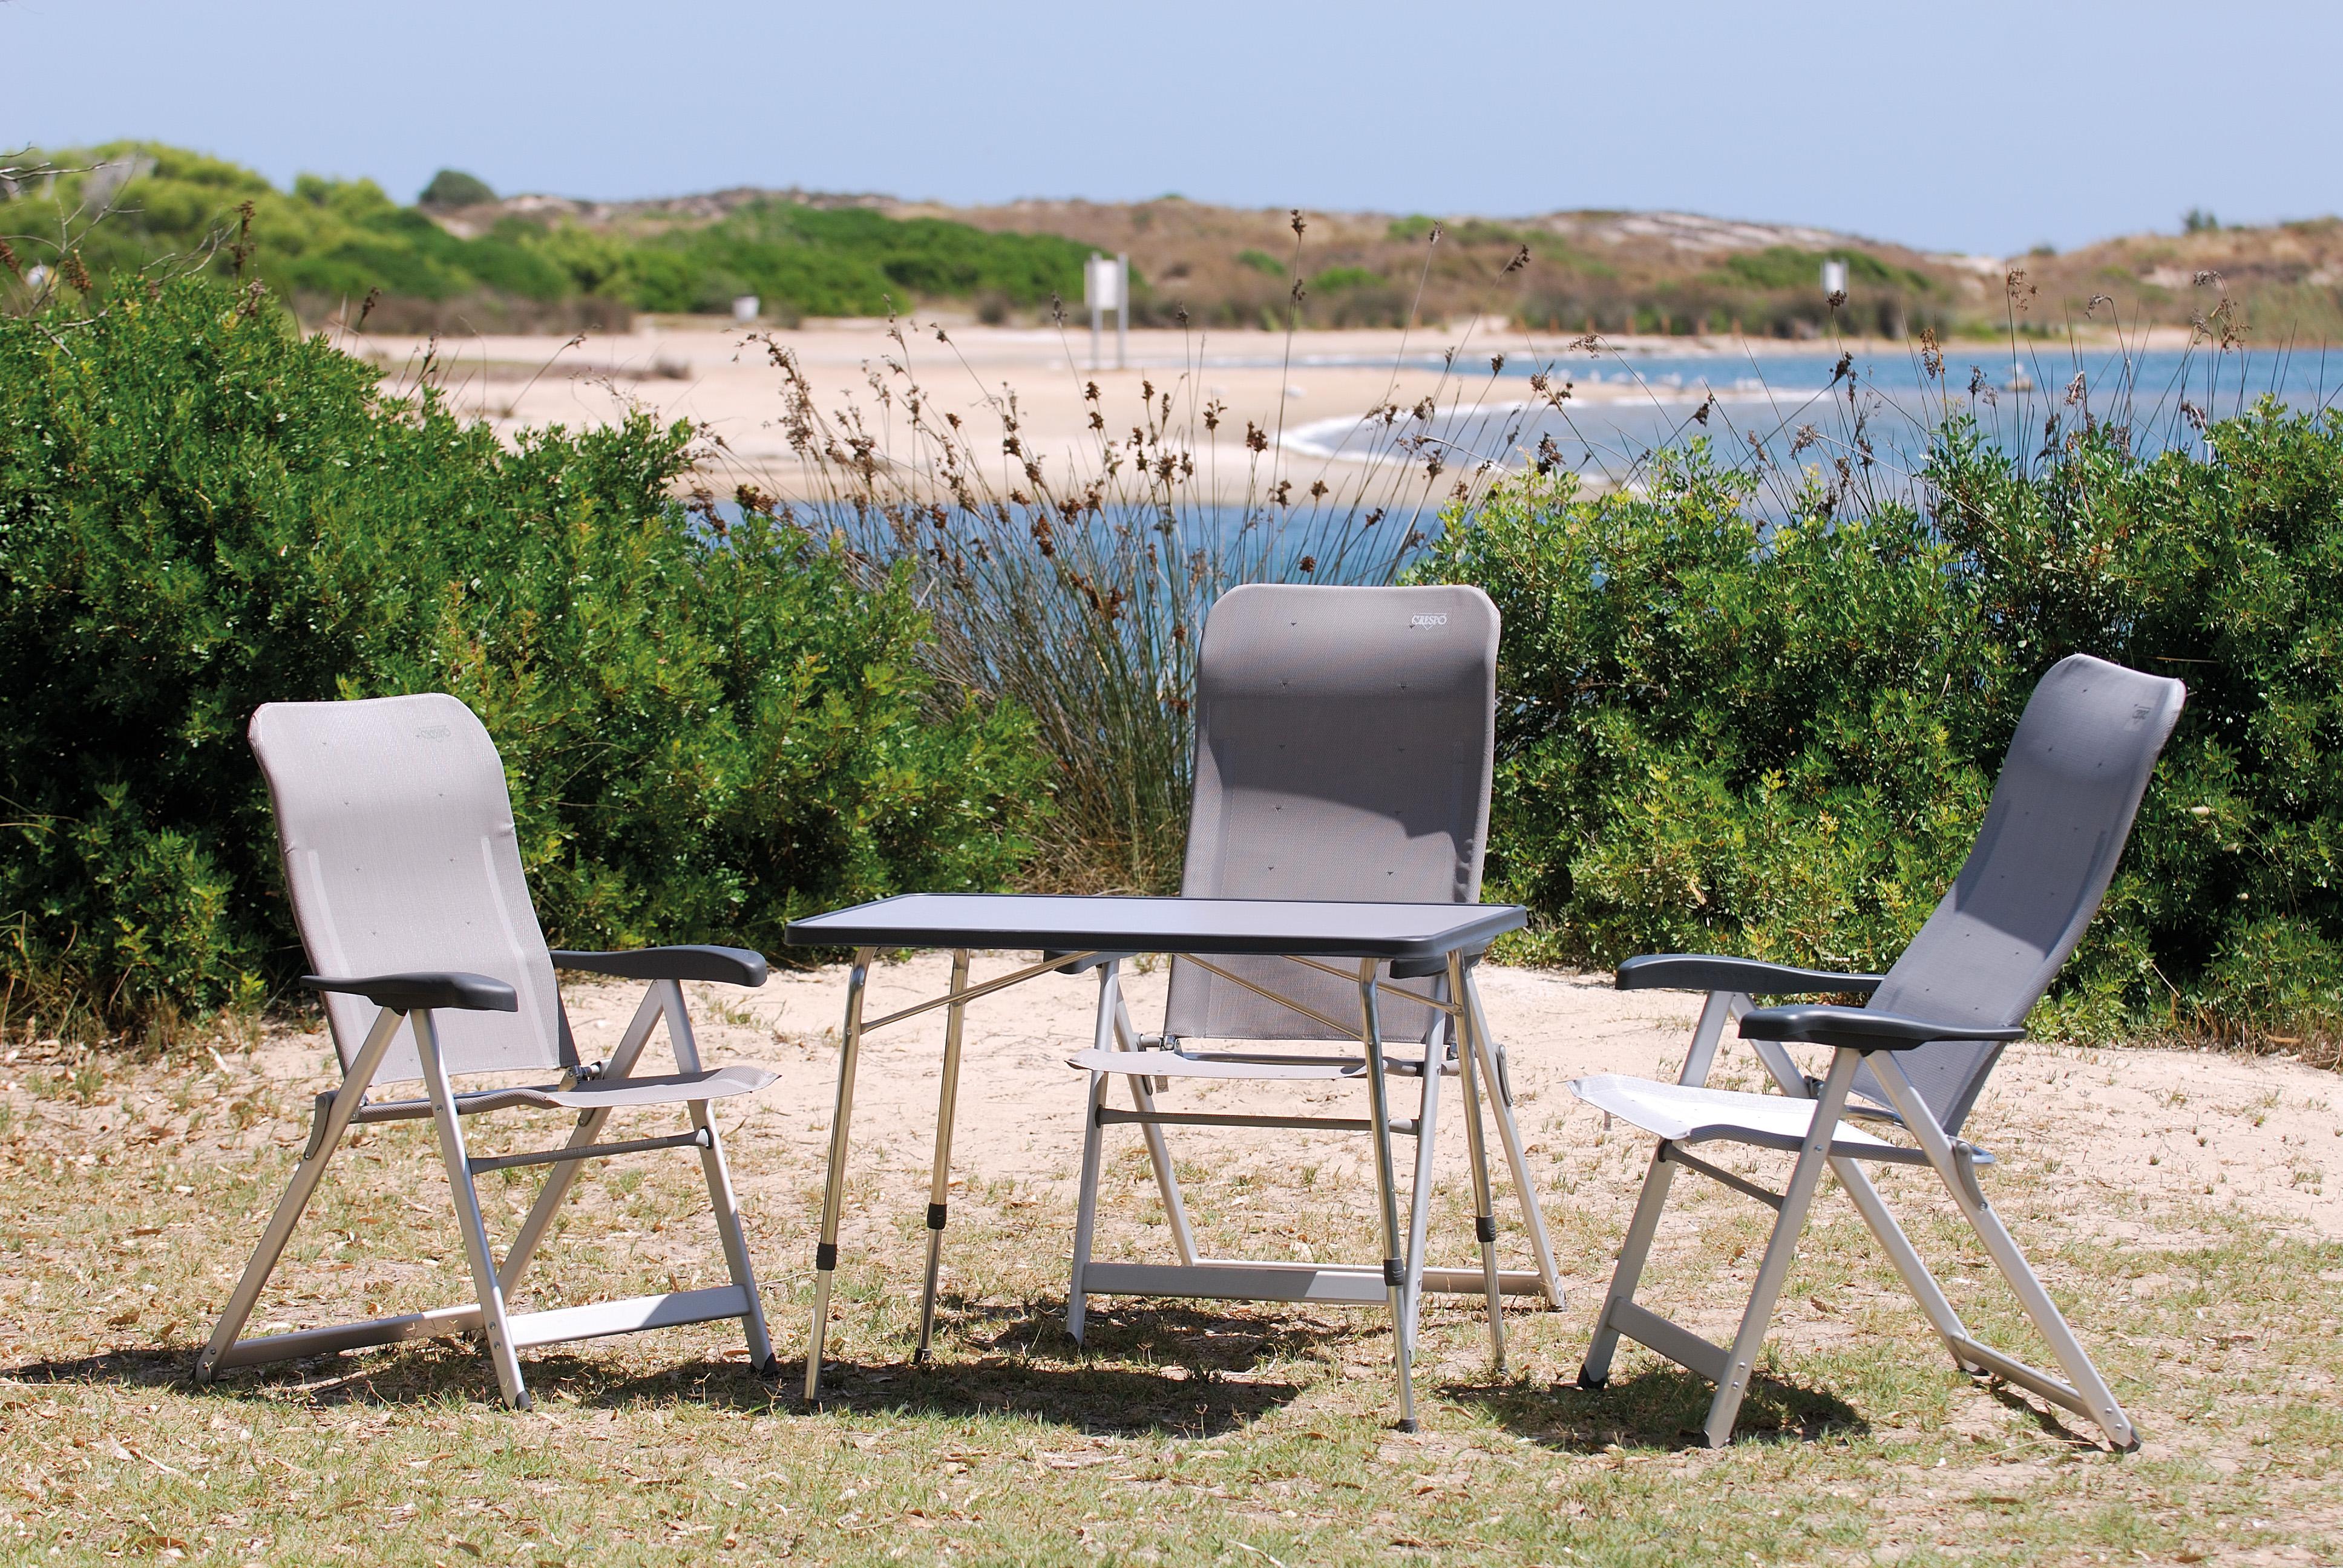 Tienda de mesas y sillas muebles jardin madera de teka teca with tienda de mesas y sillas - Sillas de camping plegables ...